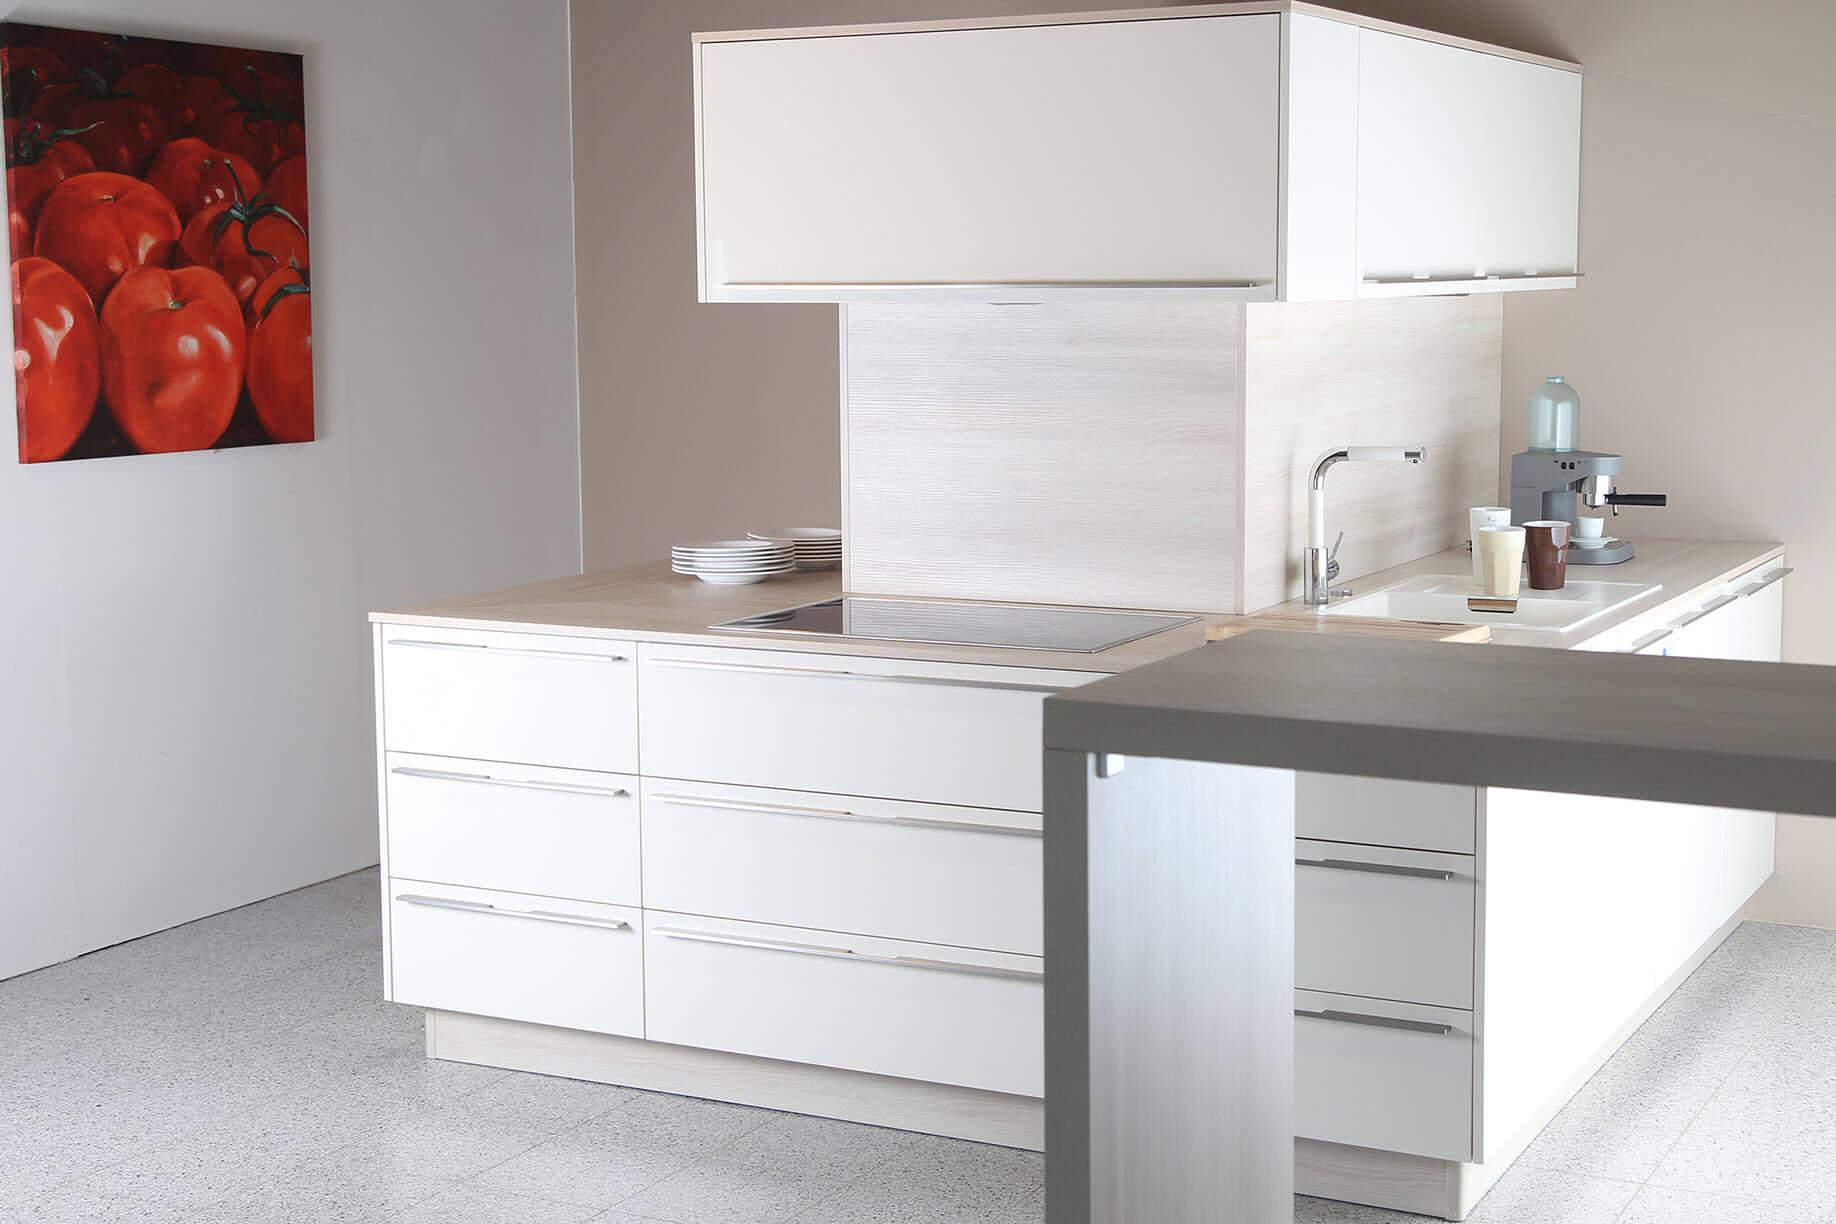 Küchenausstellung von Küchensysteme Christian Müller